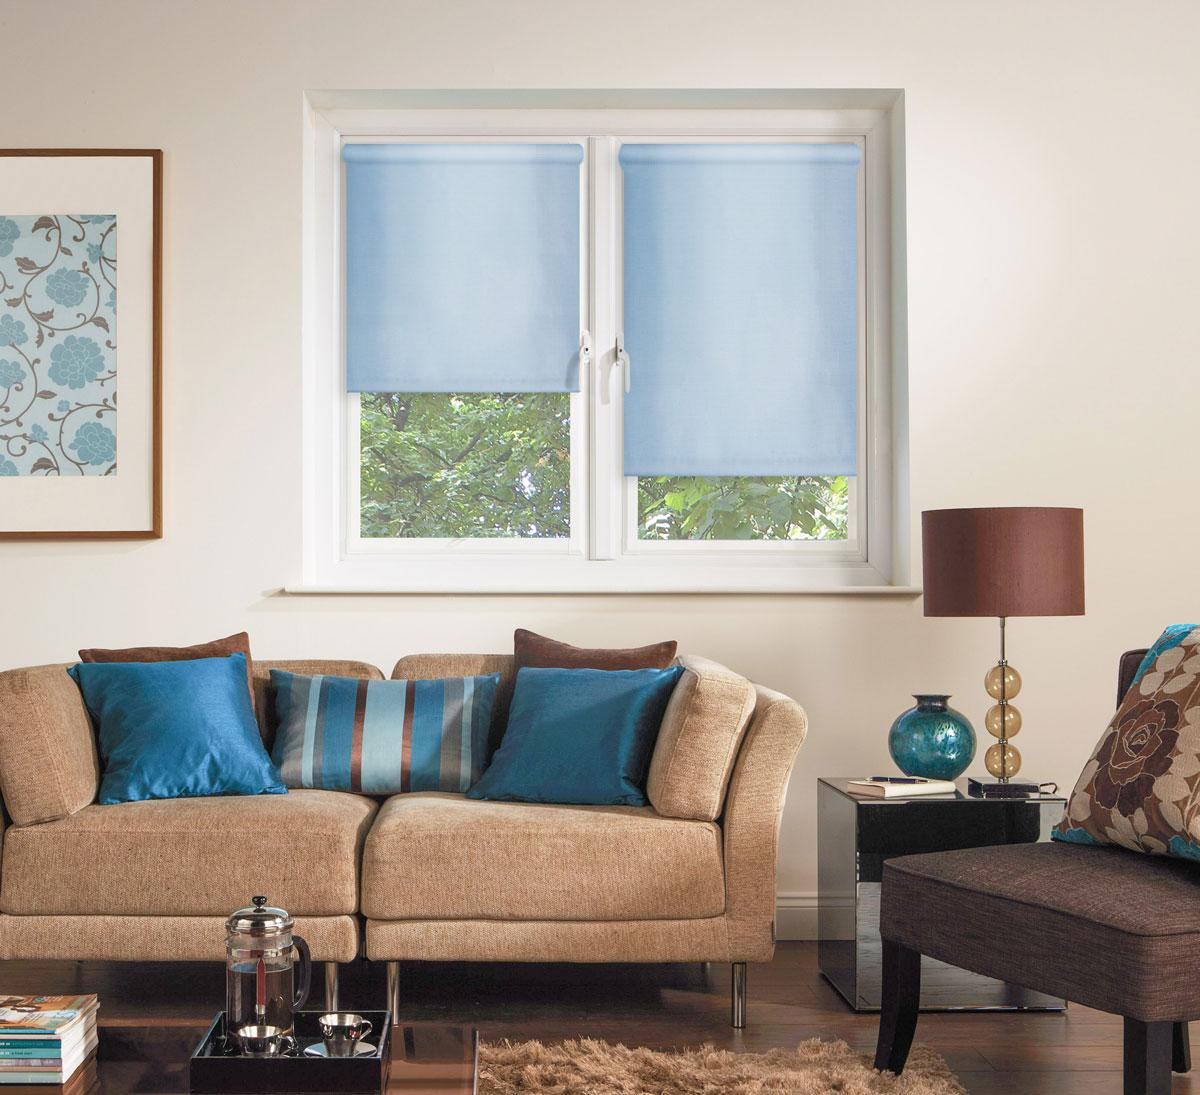 Штора рулонная KauffOrt Миниролло, цвет: голубой, ширина 57 см, высота 170 см3057005Рулонная штора Миниролло выполнена из высокопрочной ткани, которая сохраняет свой размер даже при намокании. Ткань не выцветает и обладает отличной цветоустойчивостью.Миниролло - это подвид рулонных штор, который закрывает не весь оконный проем, а непосредственно само стекло. Такие шторы крепятся на раму без сверления при помощи зажимов или клейкой двухсторонней ленты (в компекте). Окно остается на гарантии, благодаря монтажу без сверления. Такая штора станет прекрасным элементом декора окна и гармонично впишется в интерьер любого помещения.